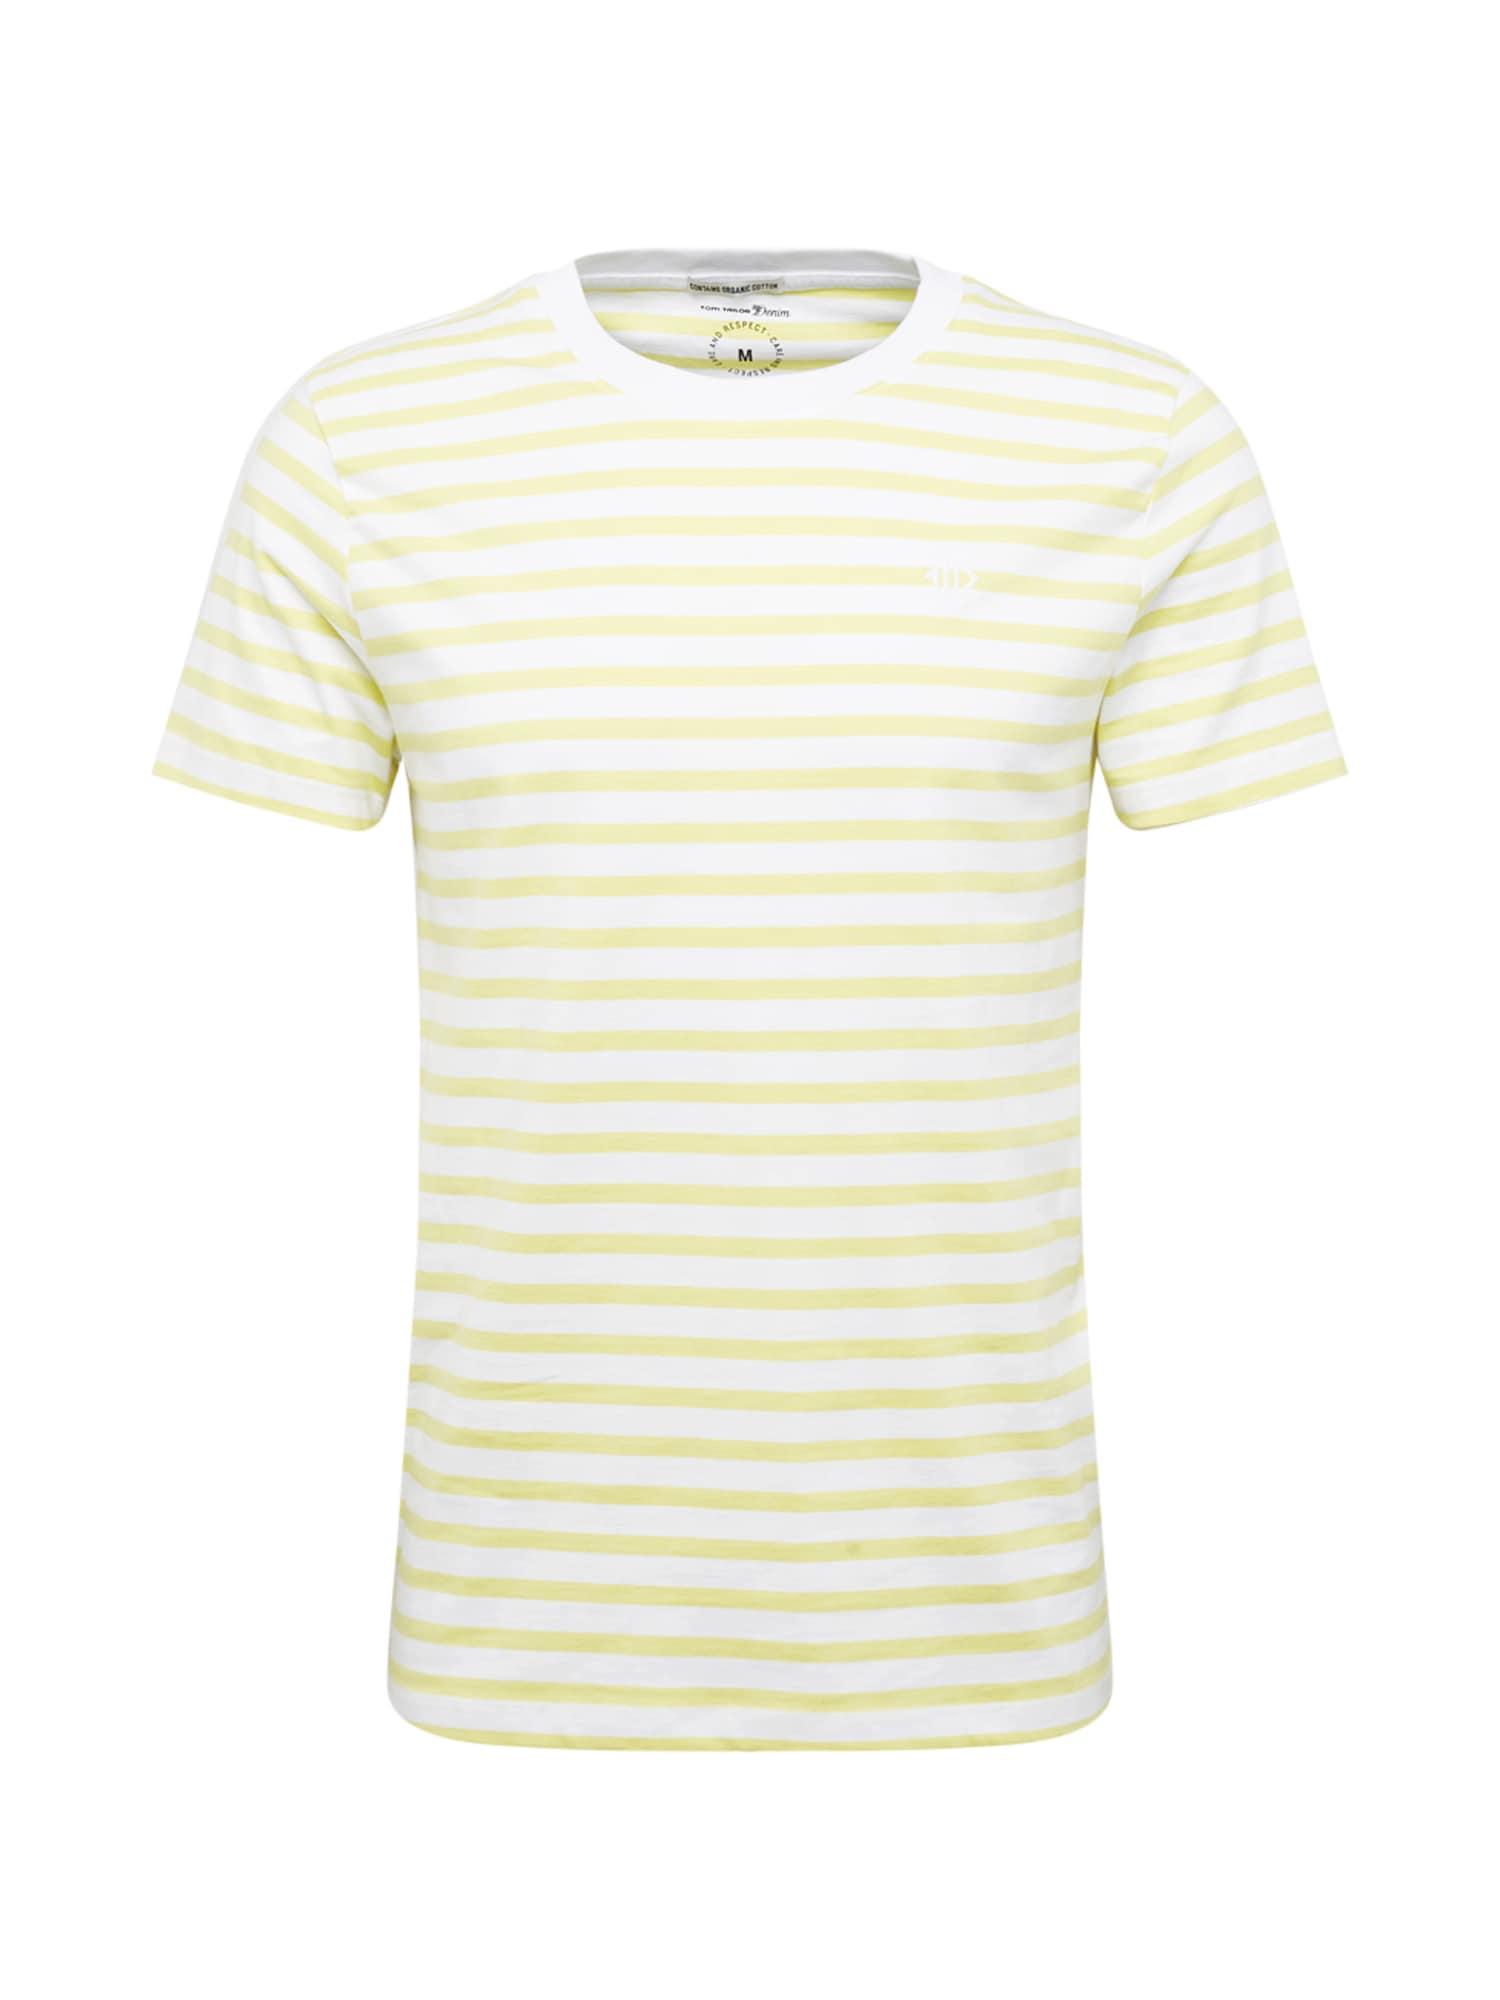 TOM TAILOR DENIM Tričko  bílá / žlutá